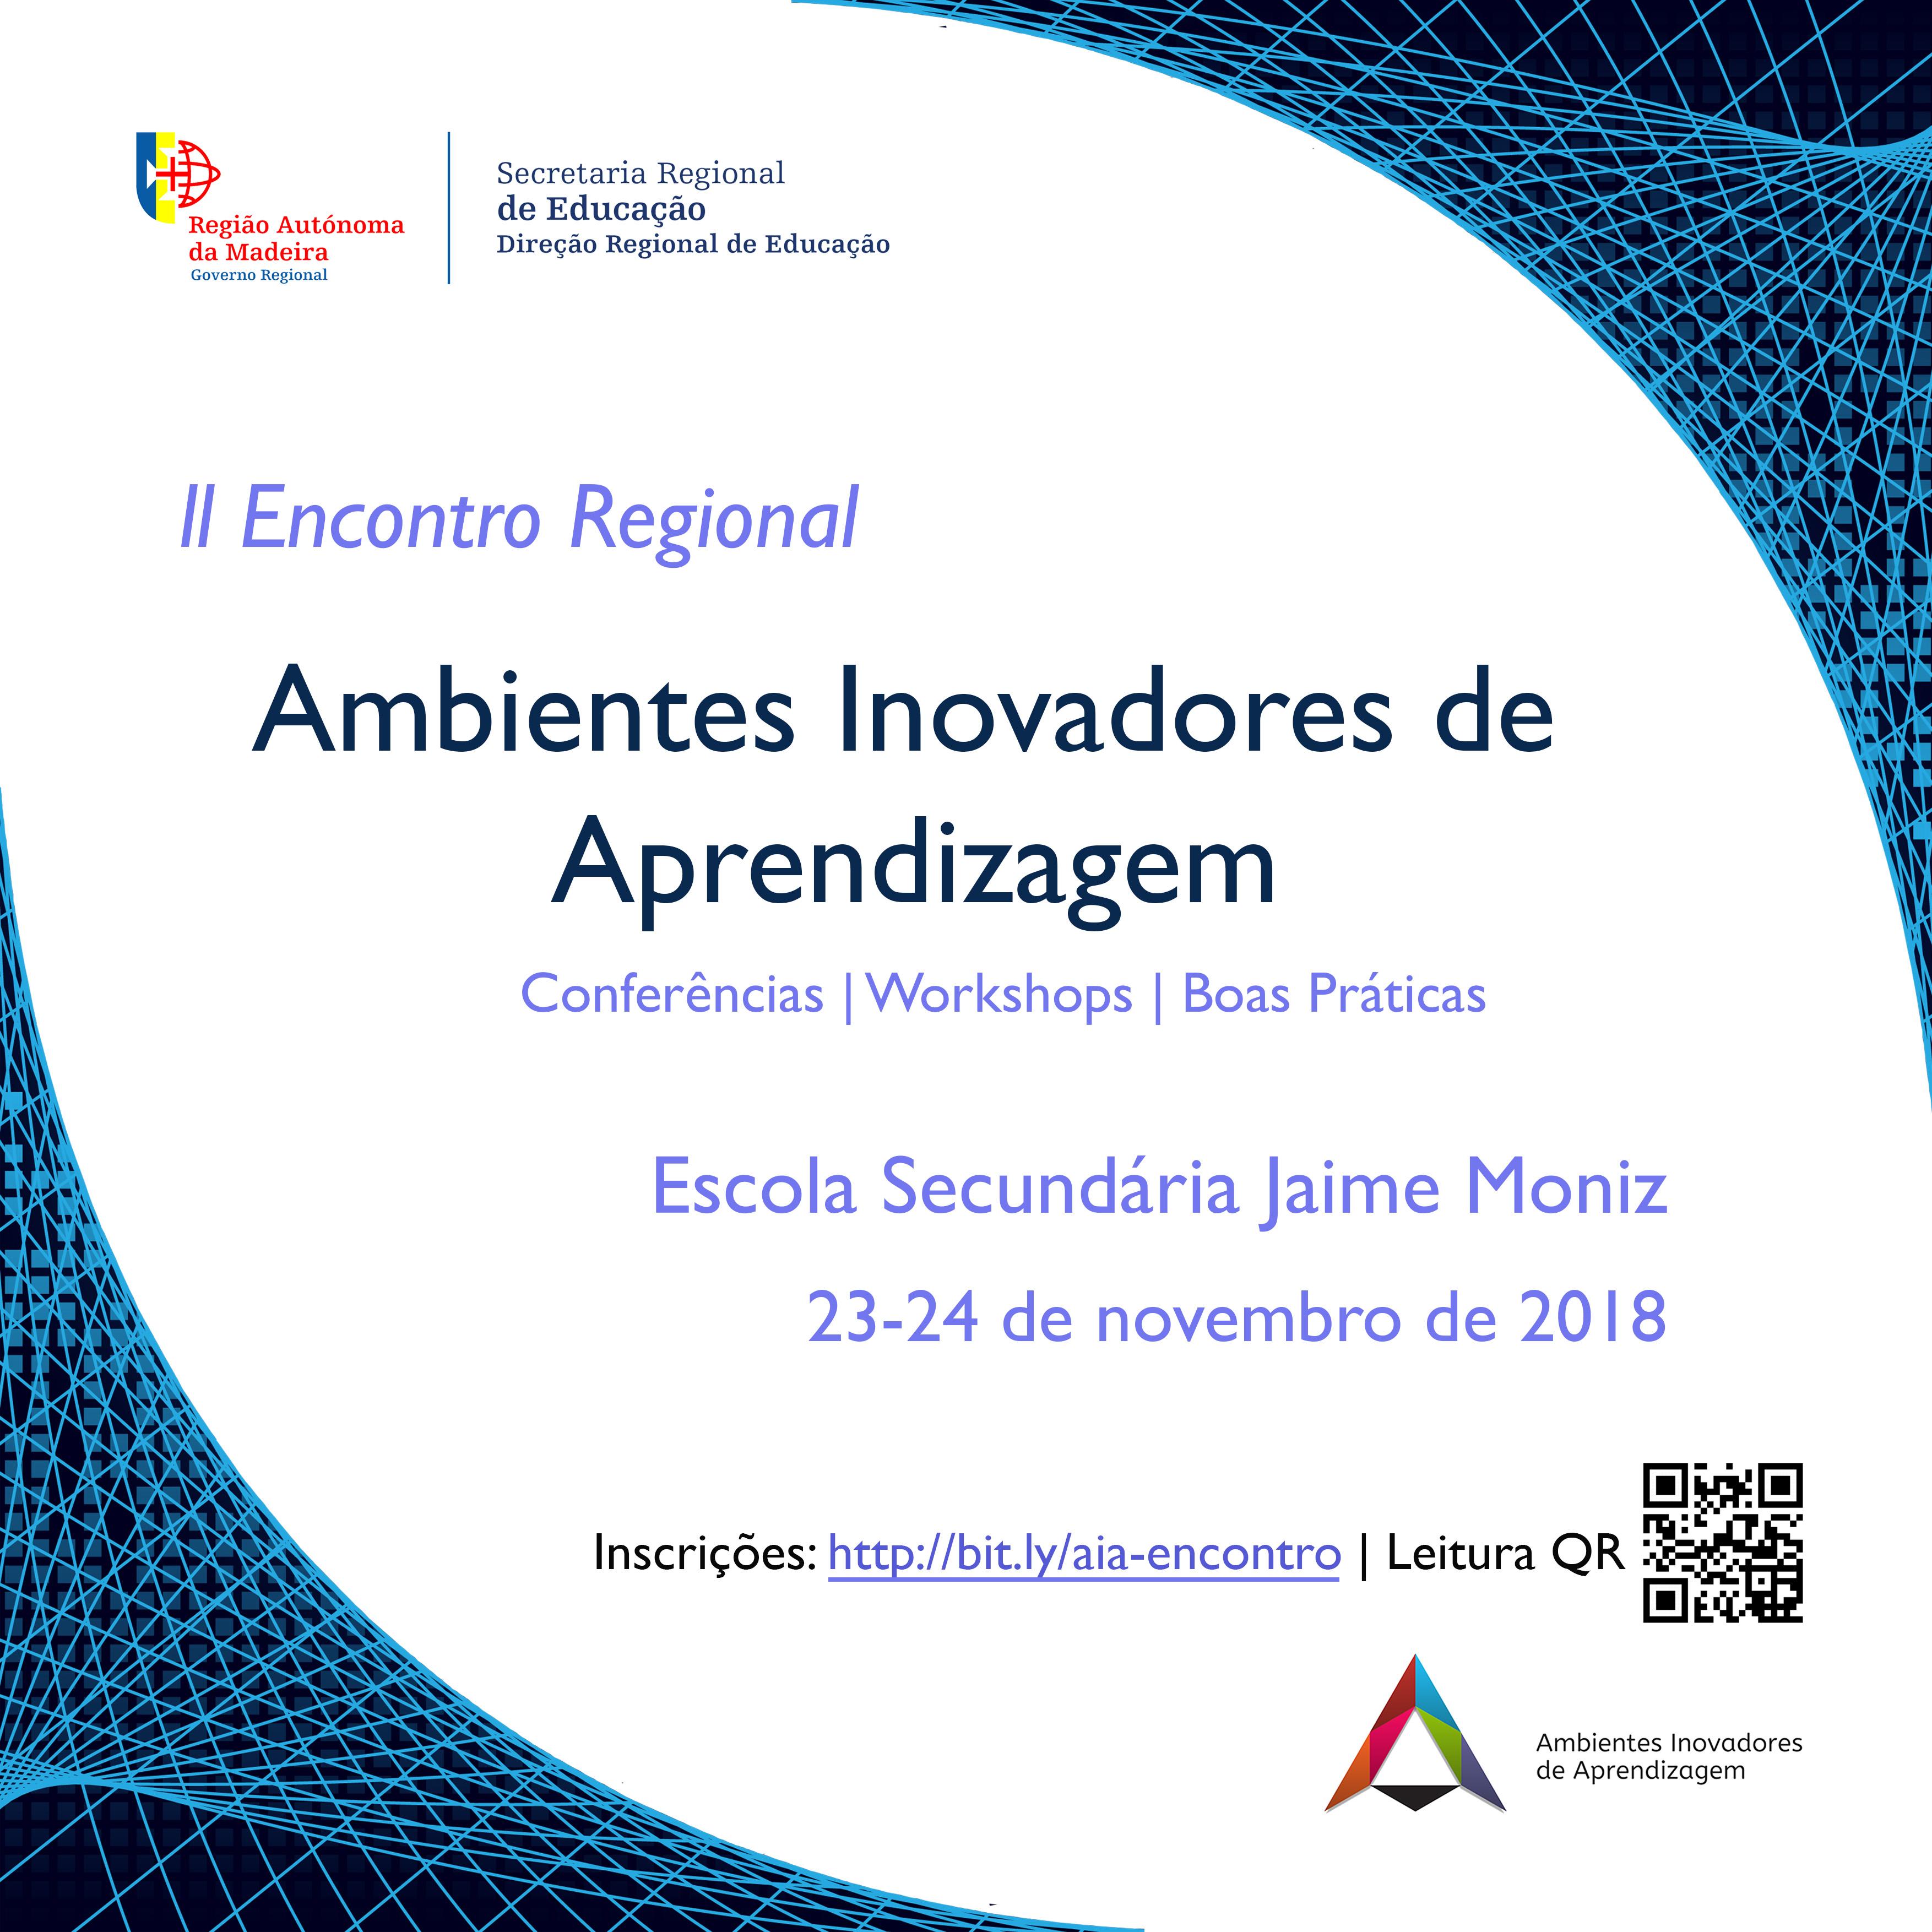 II Encontro Regional dos Ambientes Inovadores de Aprendizagem - 23 e 24 de Novembro